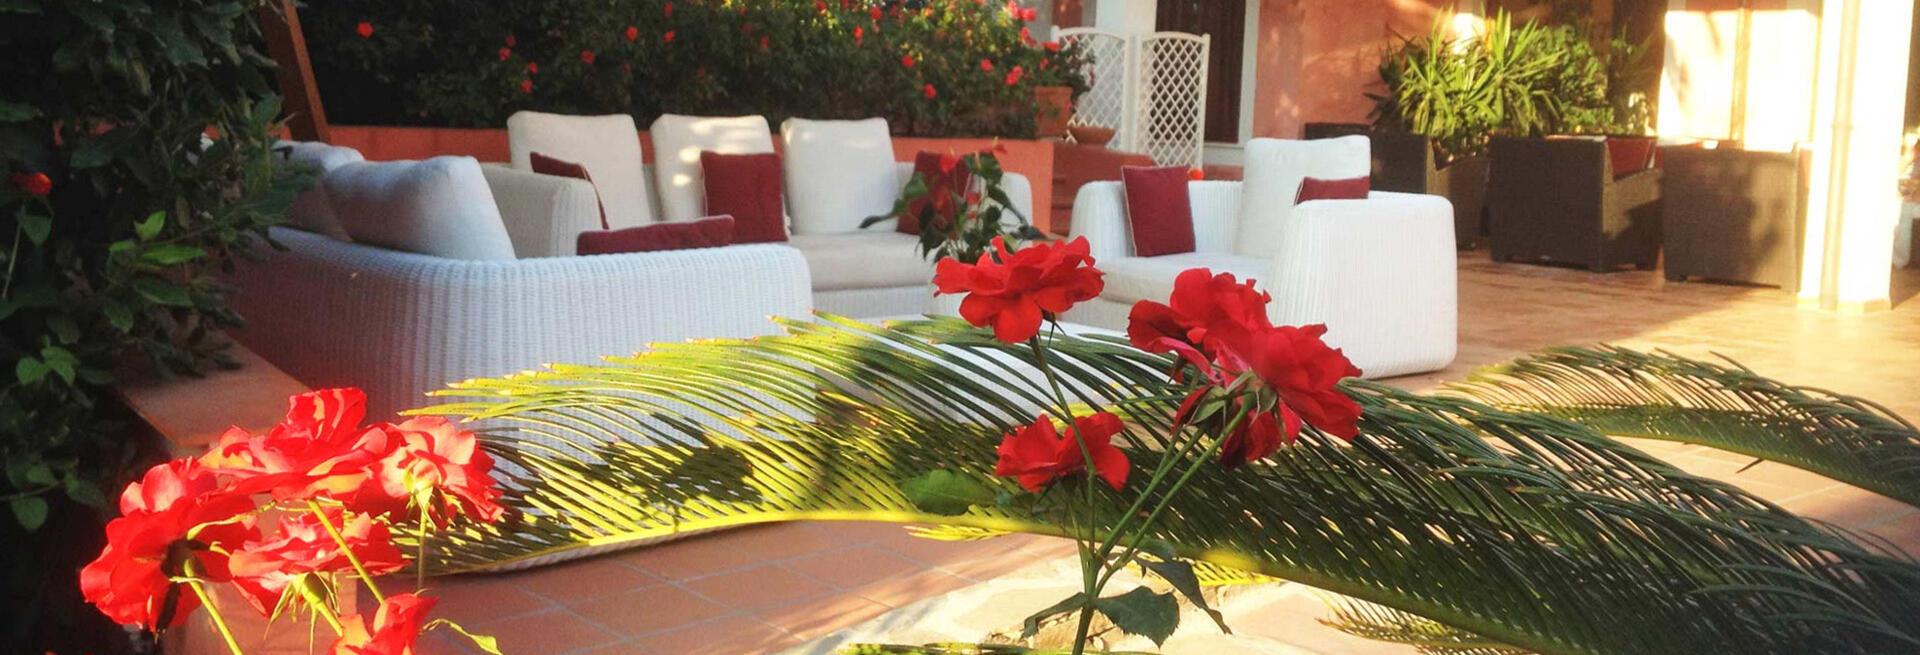 hotelcalarosa it contatti 014